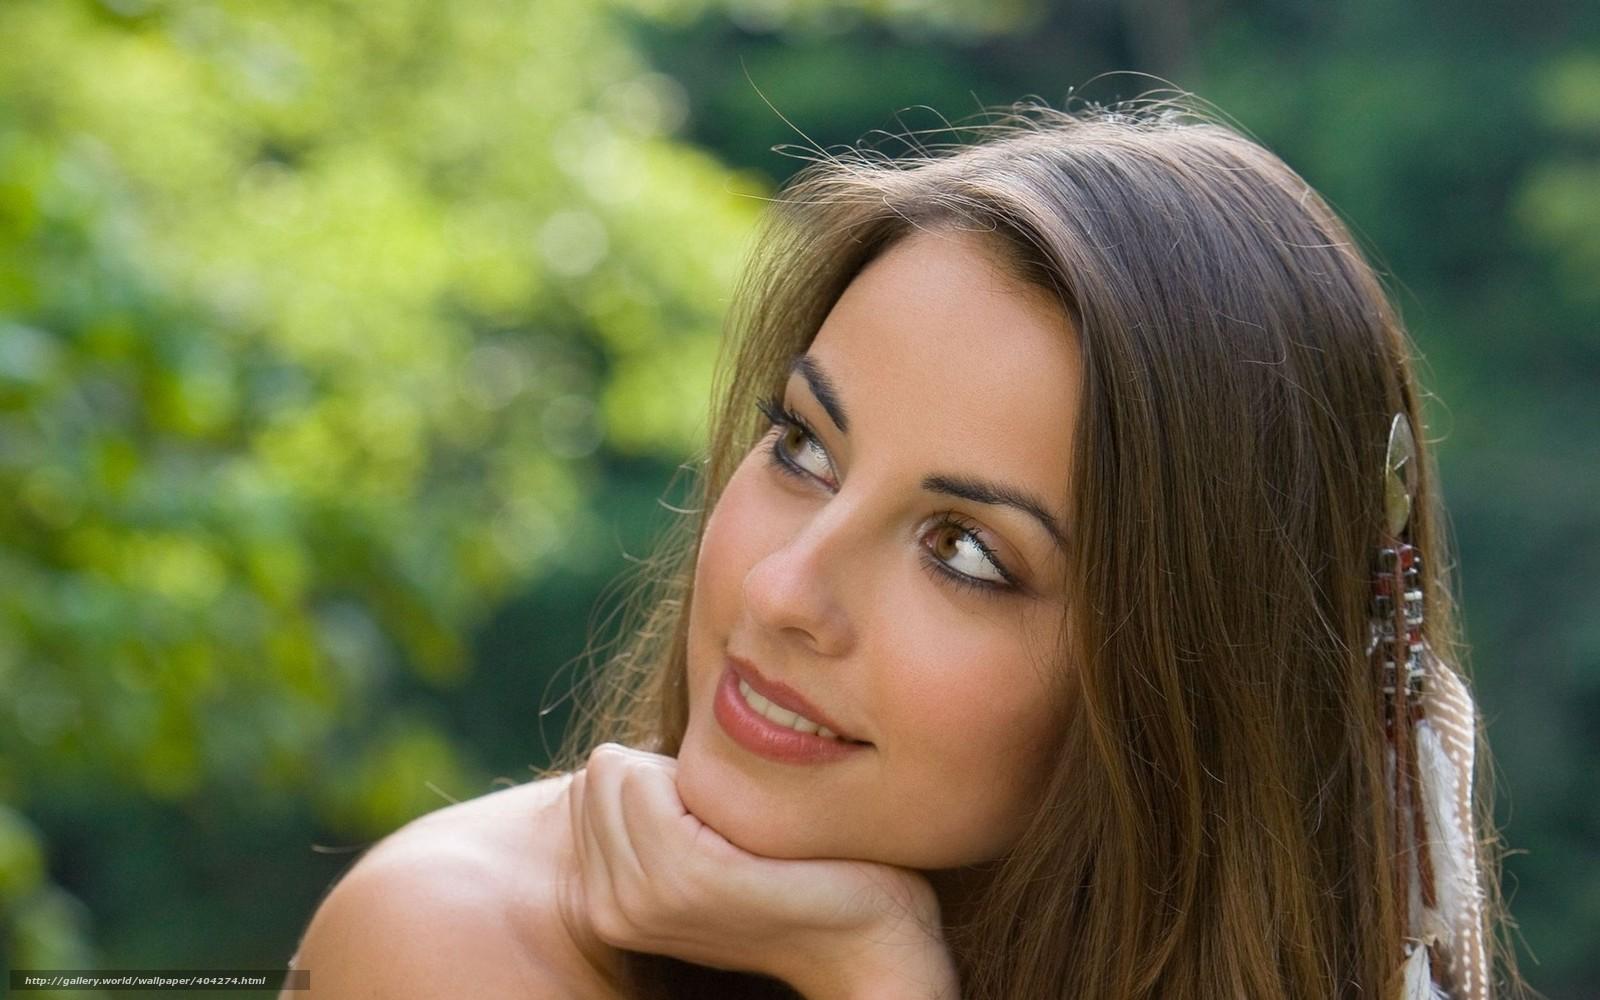 Смотреть модель брюнетка лицо 21 фотография